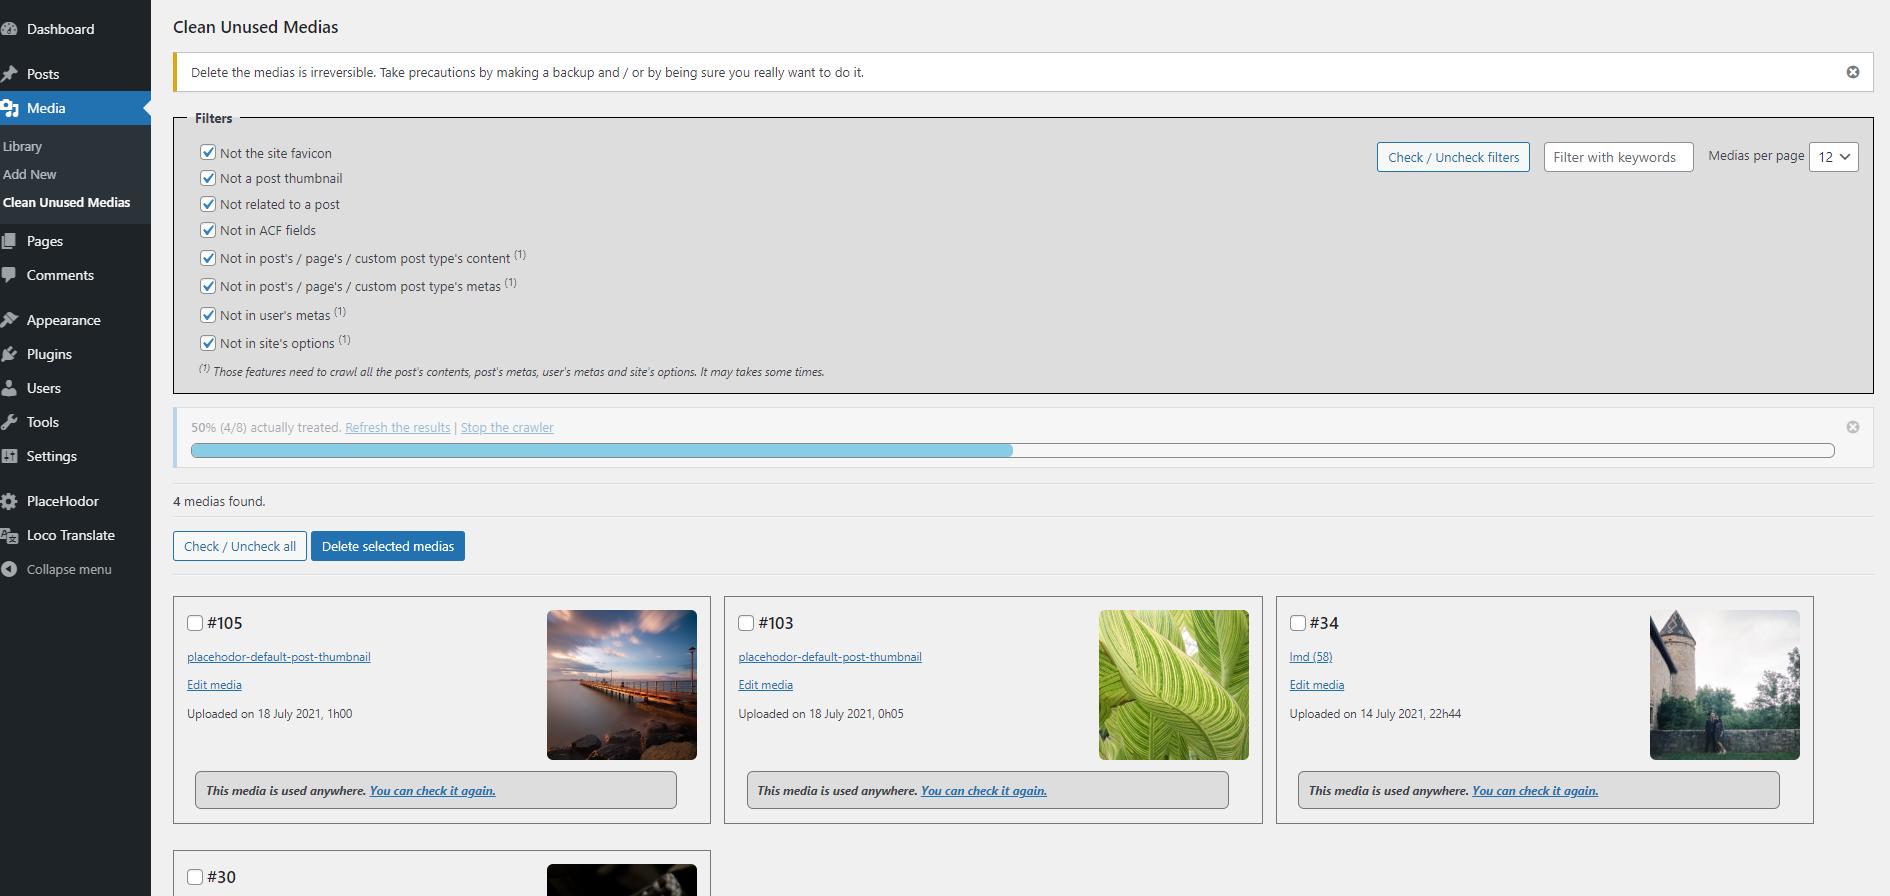 使われていない不要な画像を検索して削除するプラグイン「Clean Unused Medias」の画像 Knowledge Base